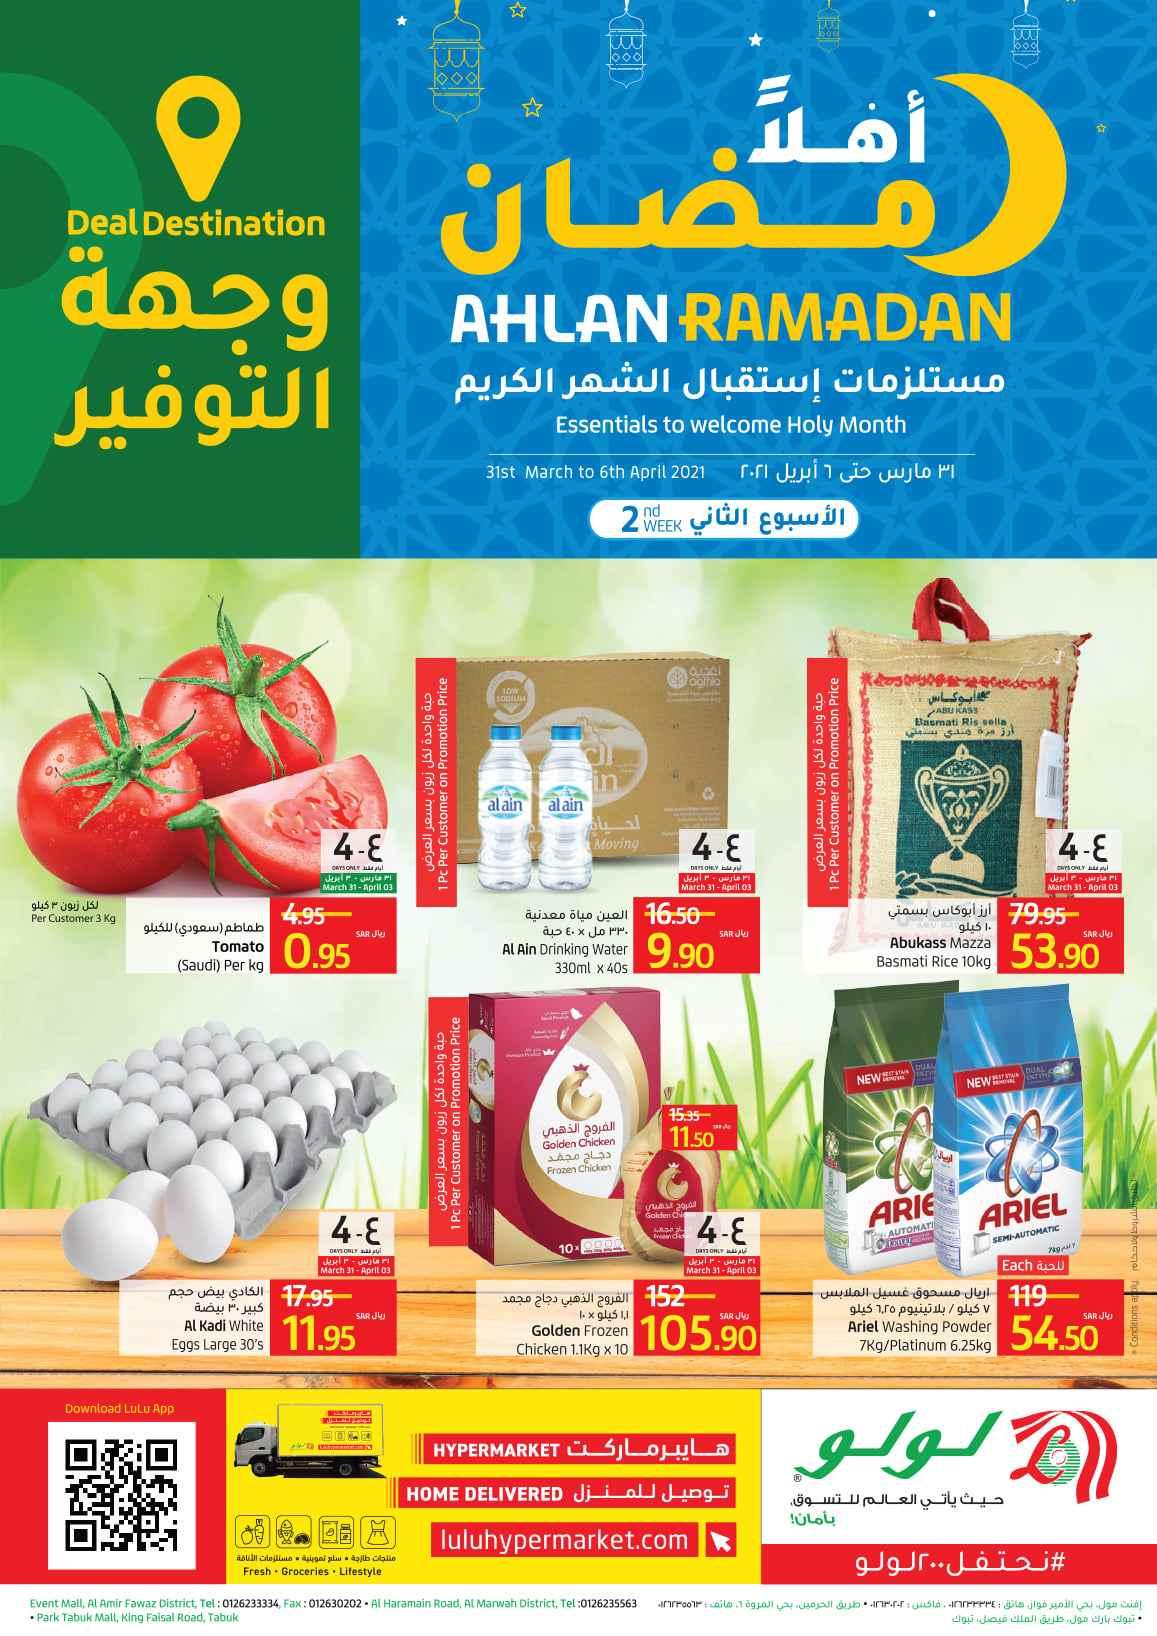 عروض لولو جدة اليوم 31 مارس حتى 6 ابريل 2021 أهلا رمضان